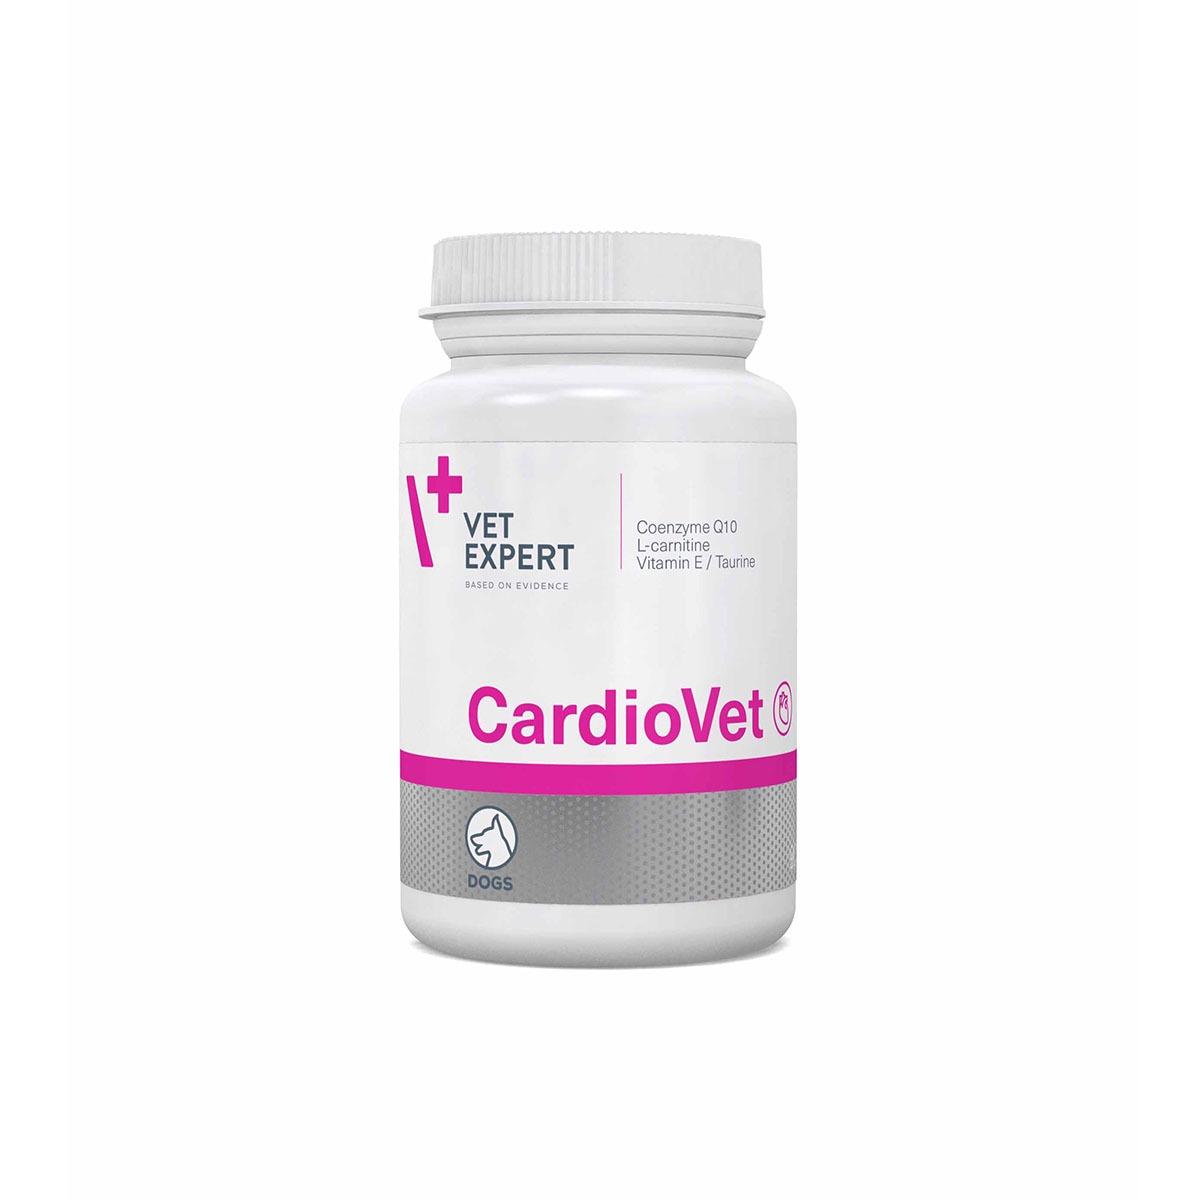 širdies sveikatos vitaminai coq10)